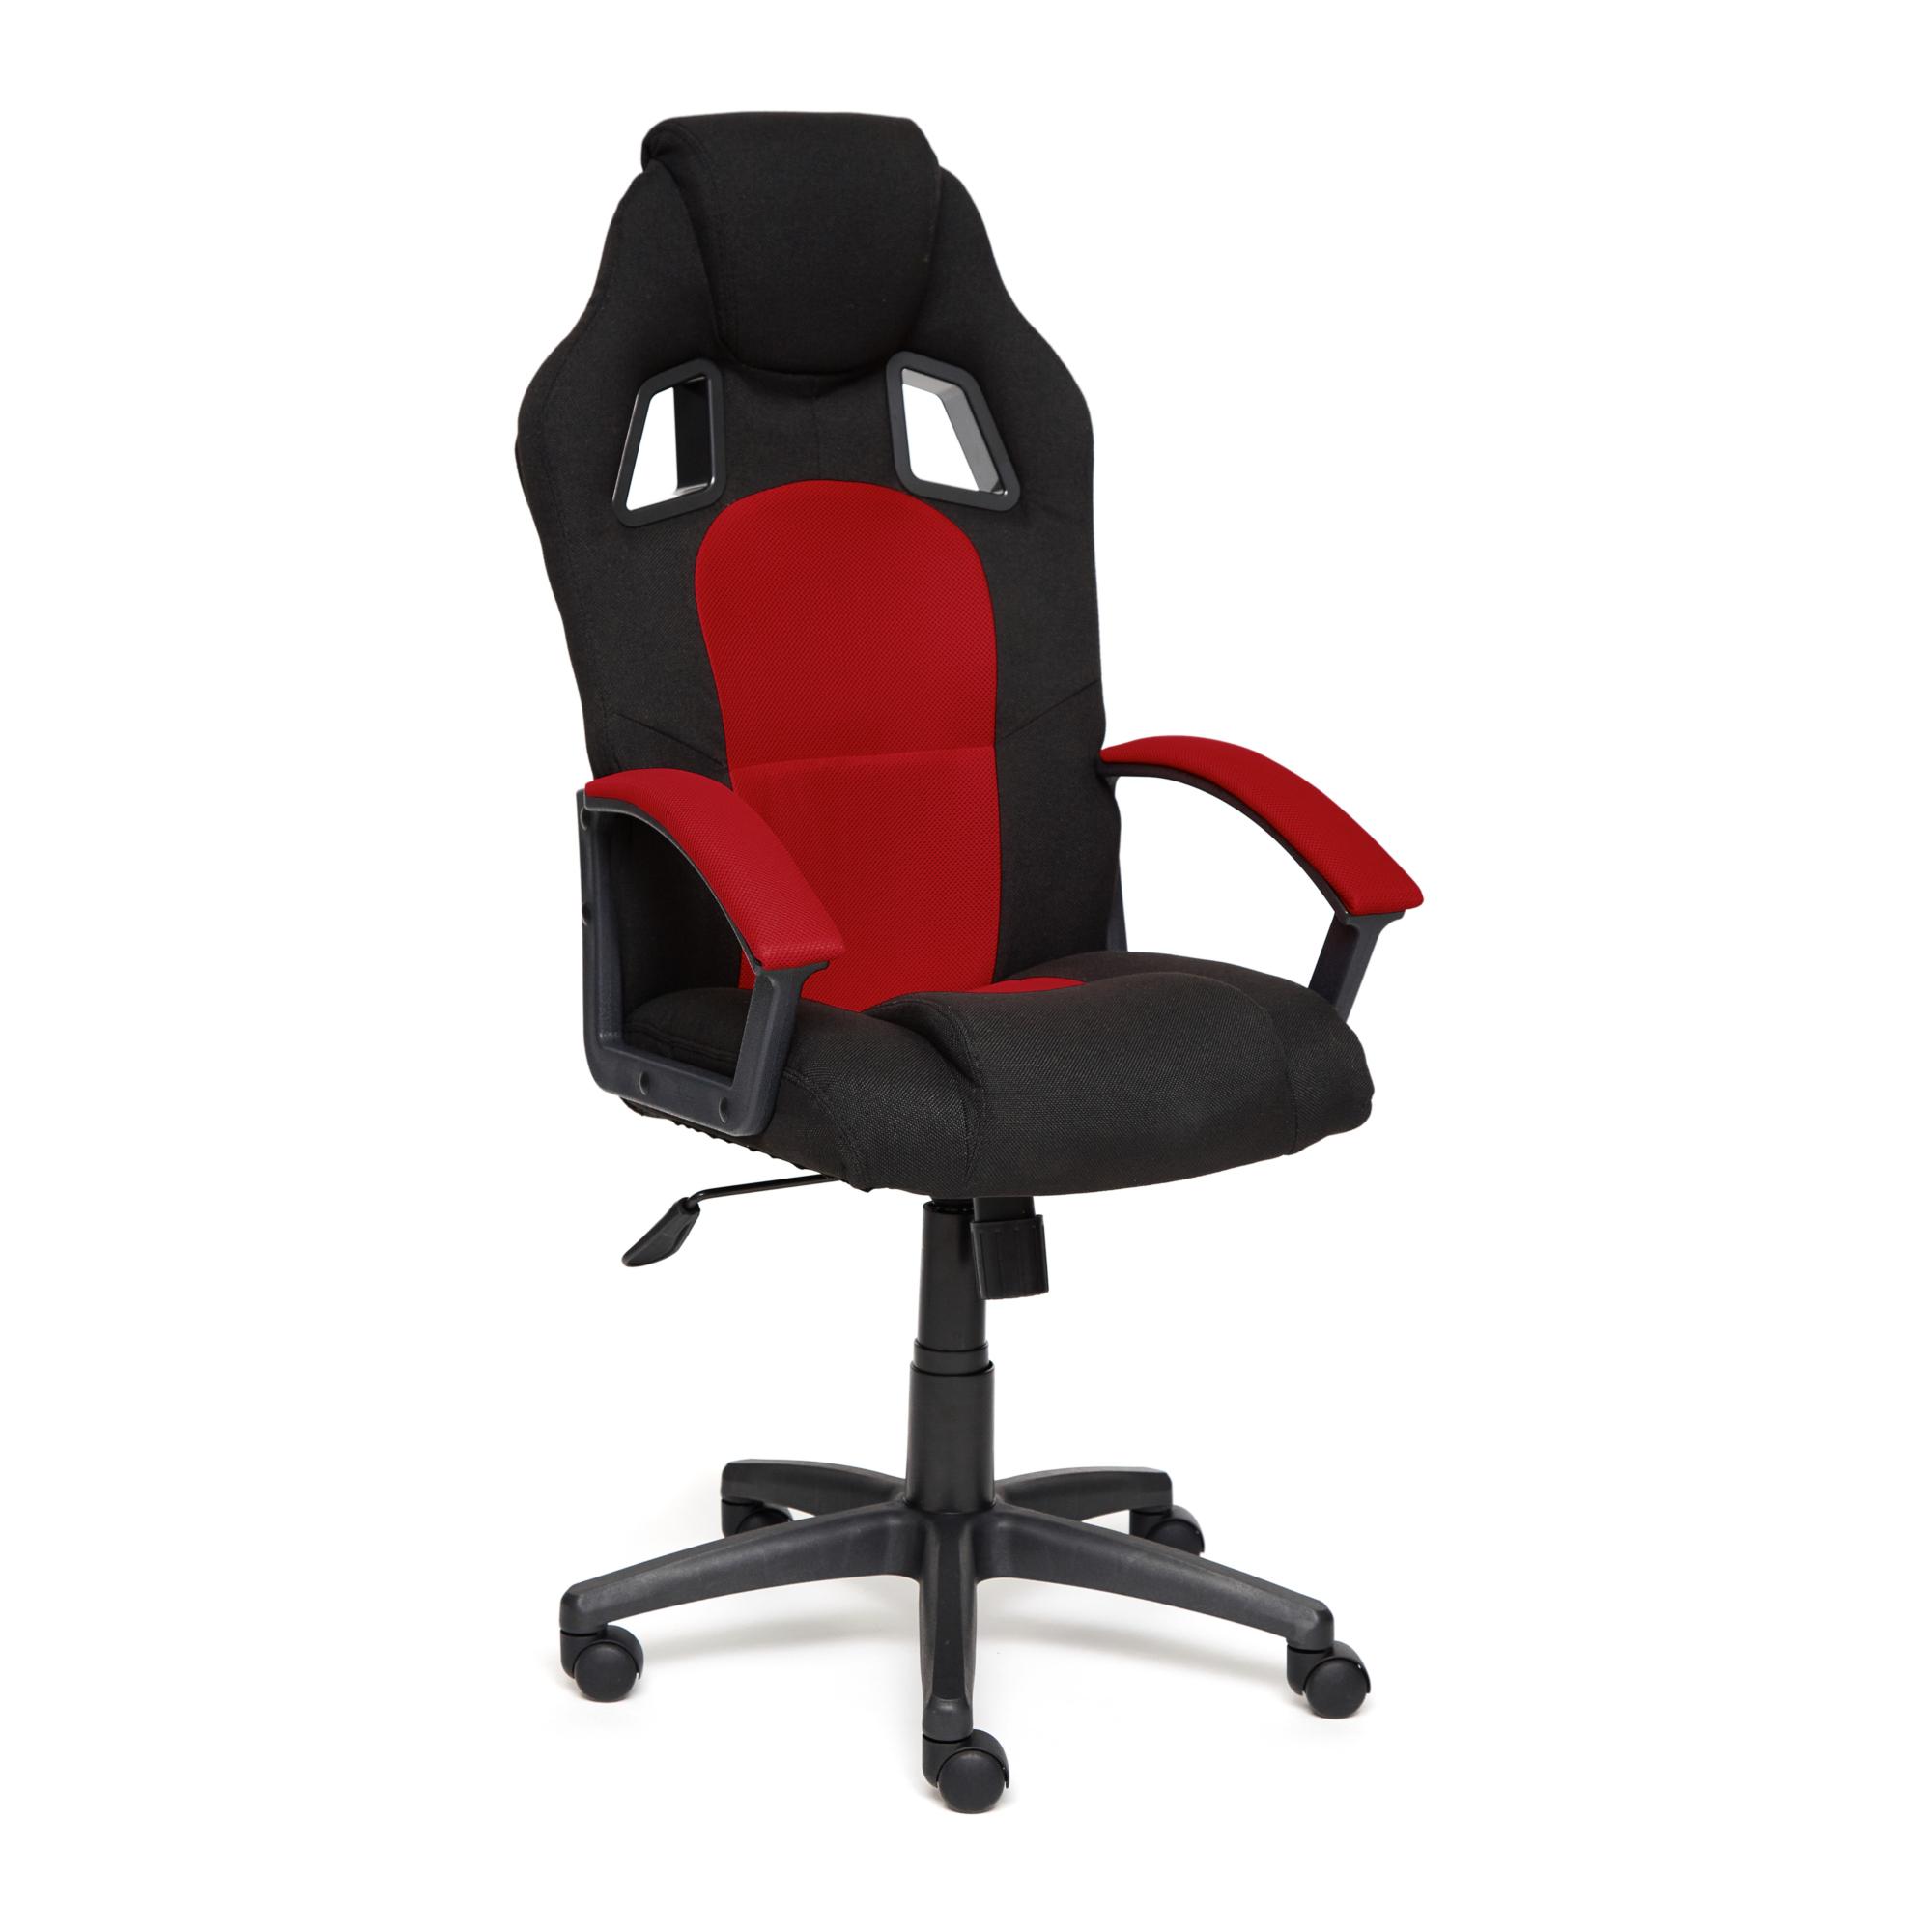 Кресло компьютерное TC черный/красный 136х55х49 см компьютерное кресло turin компьютерное кресло